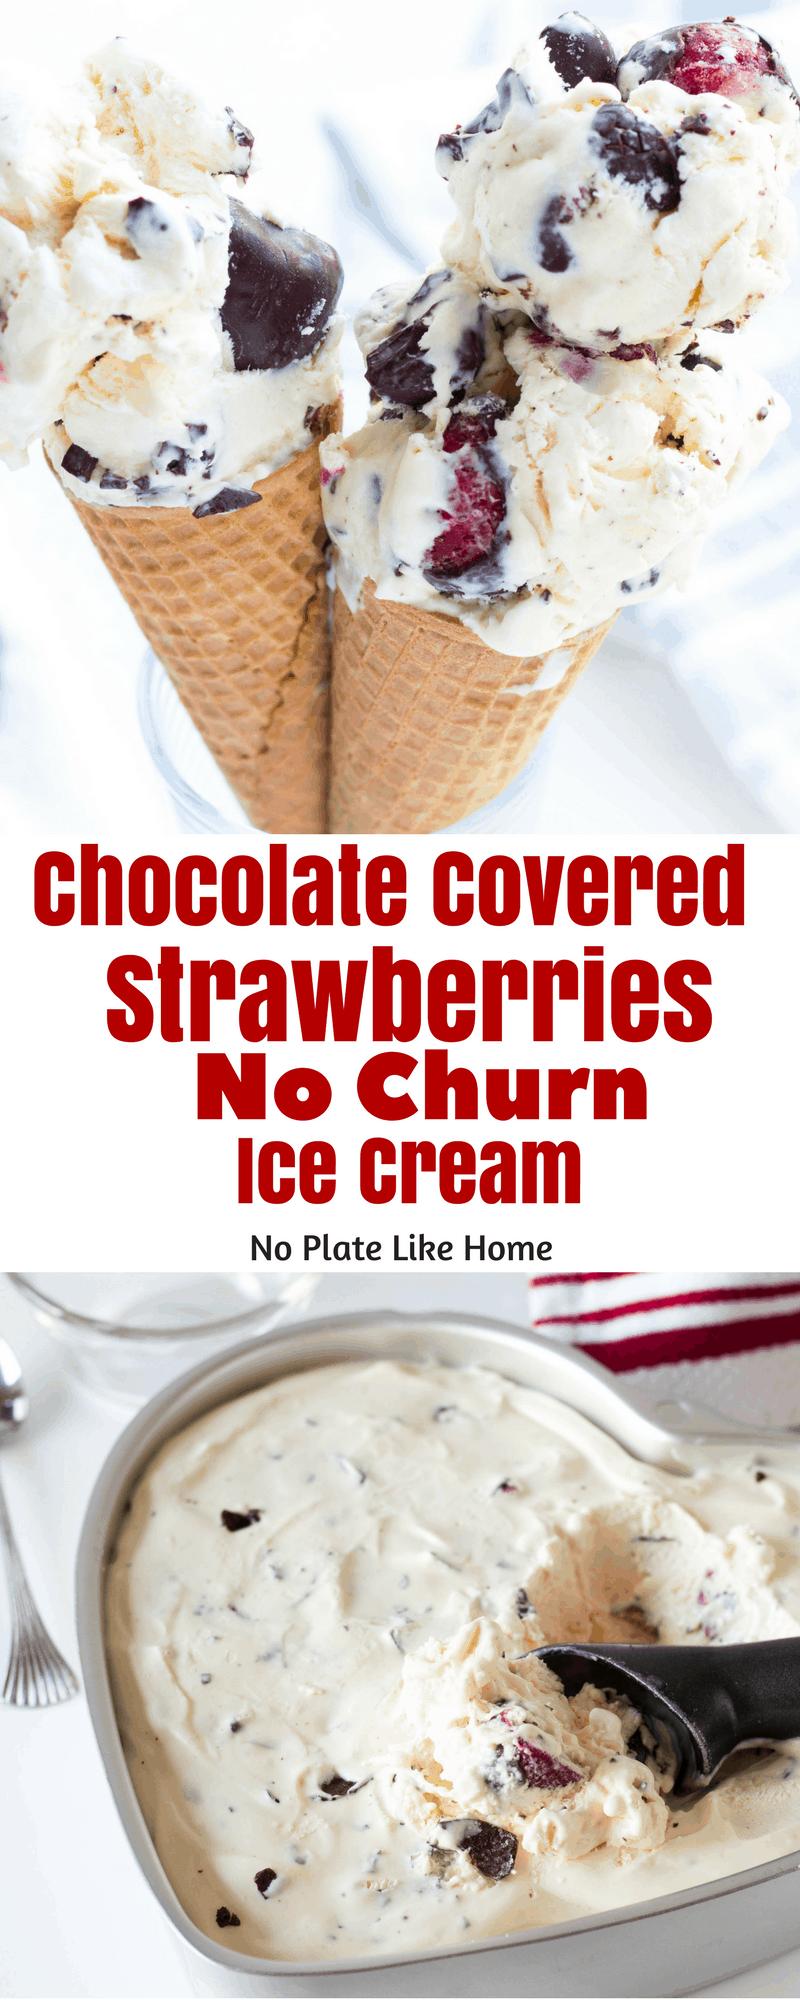 Chocolate Covered Strawberries No Churn Ice Cream